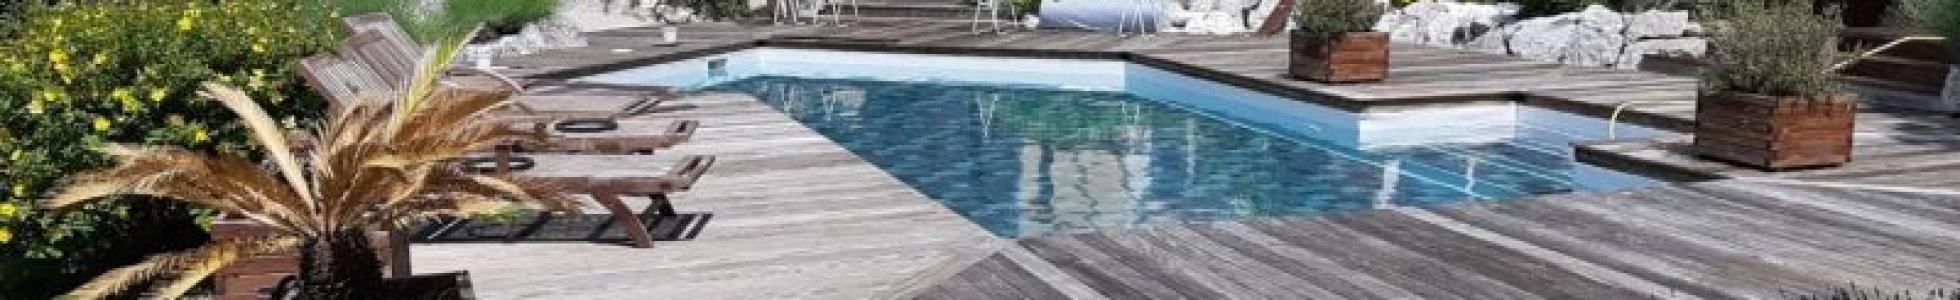 Rénovation d'une piscine traditionnelle à Portet sur Garonne